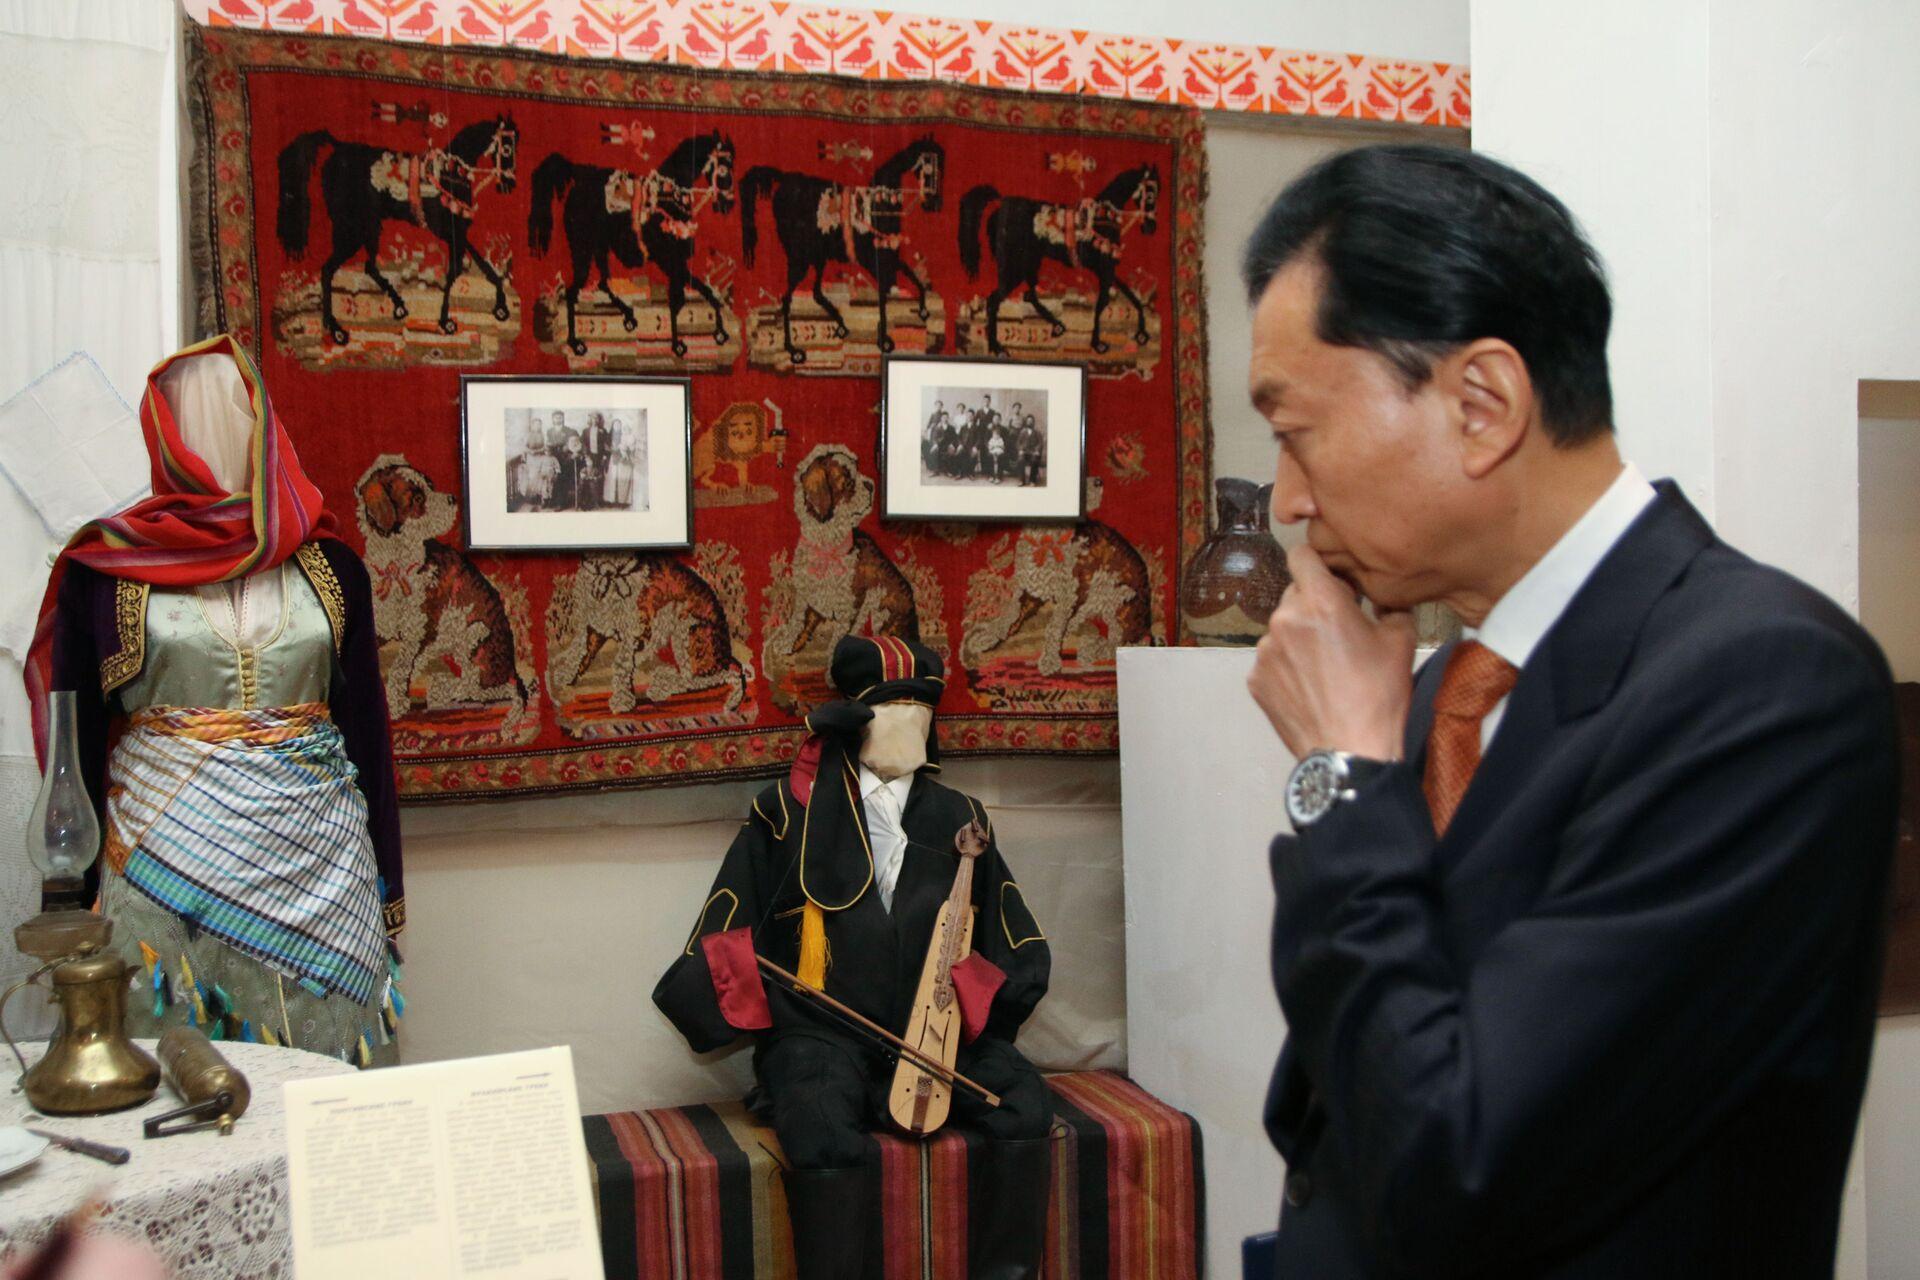 Cựu Thủ tướng Nhật Bản phát biểu về Crưm và hành vi phá hoại của Mỹ - Sputnik Việt Nam, 1920, 21.04.2021